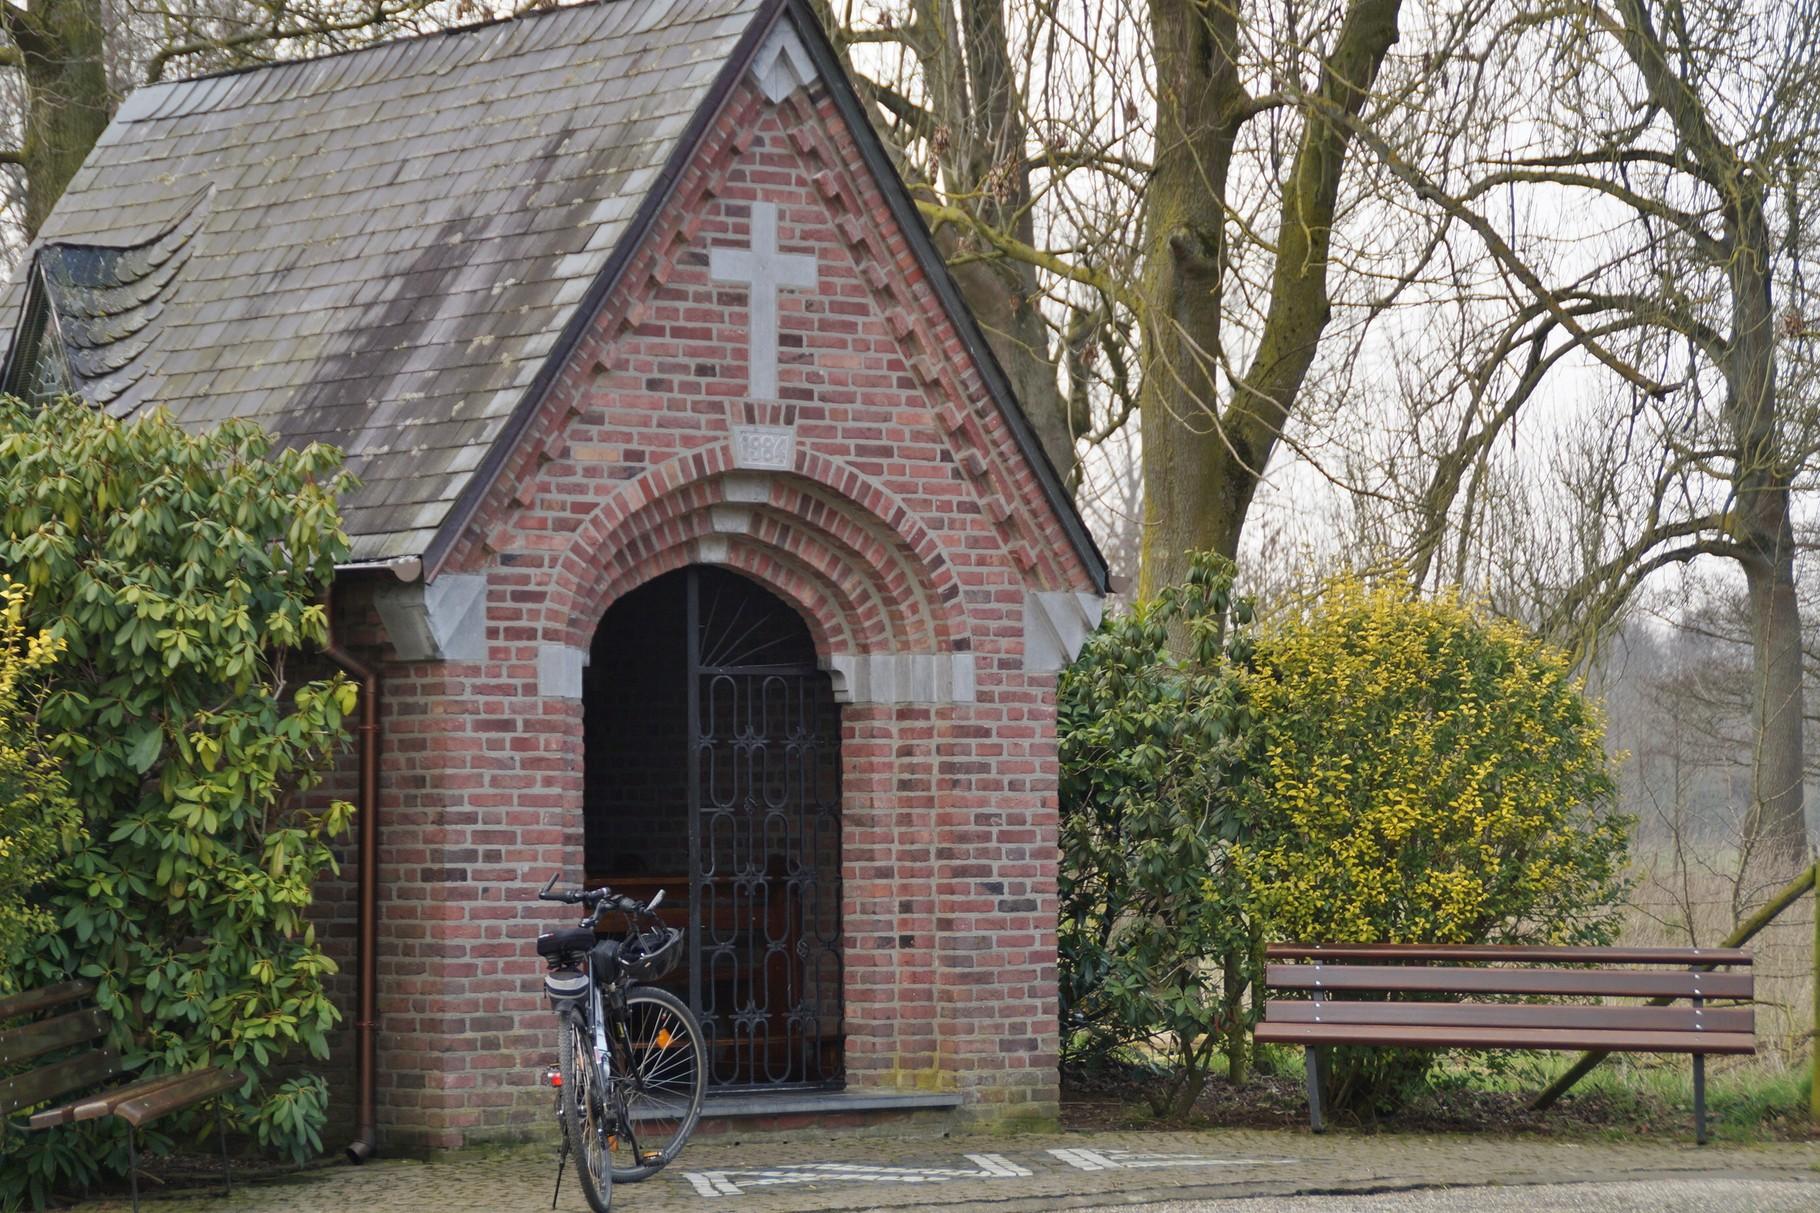 Eine kleine Kapelle (zwischen Wehr und Tüddern) lädt zum Verweilen ein